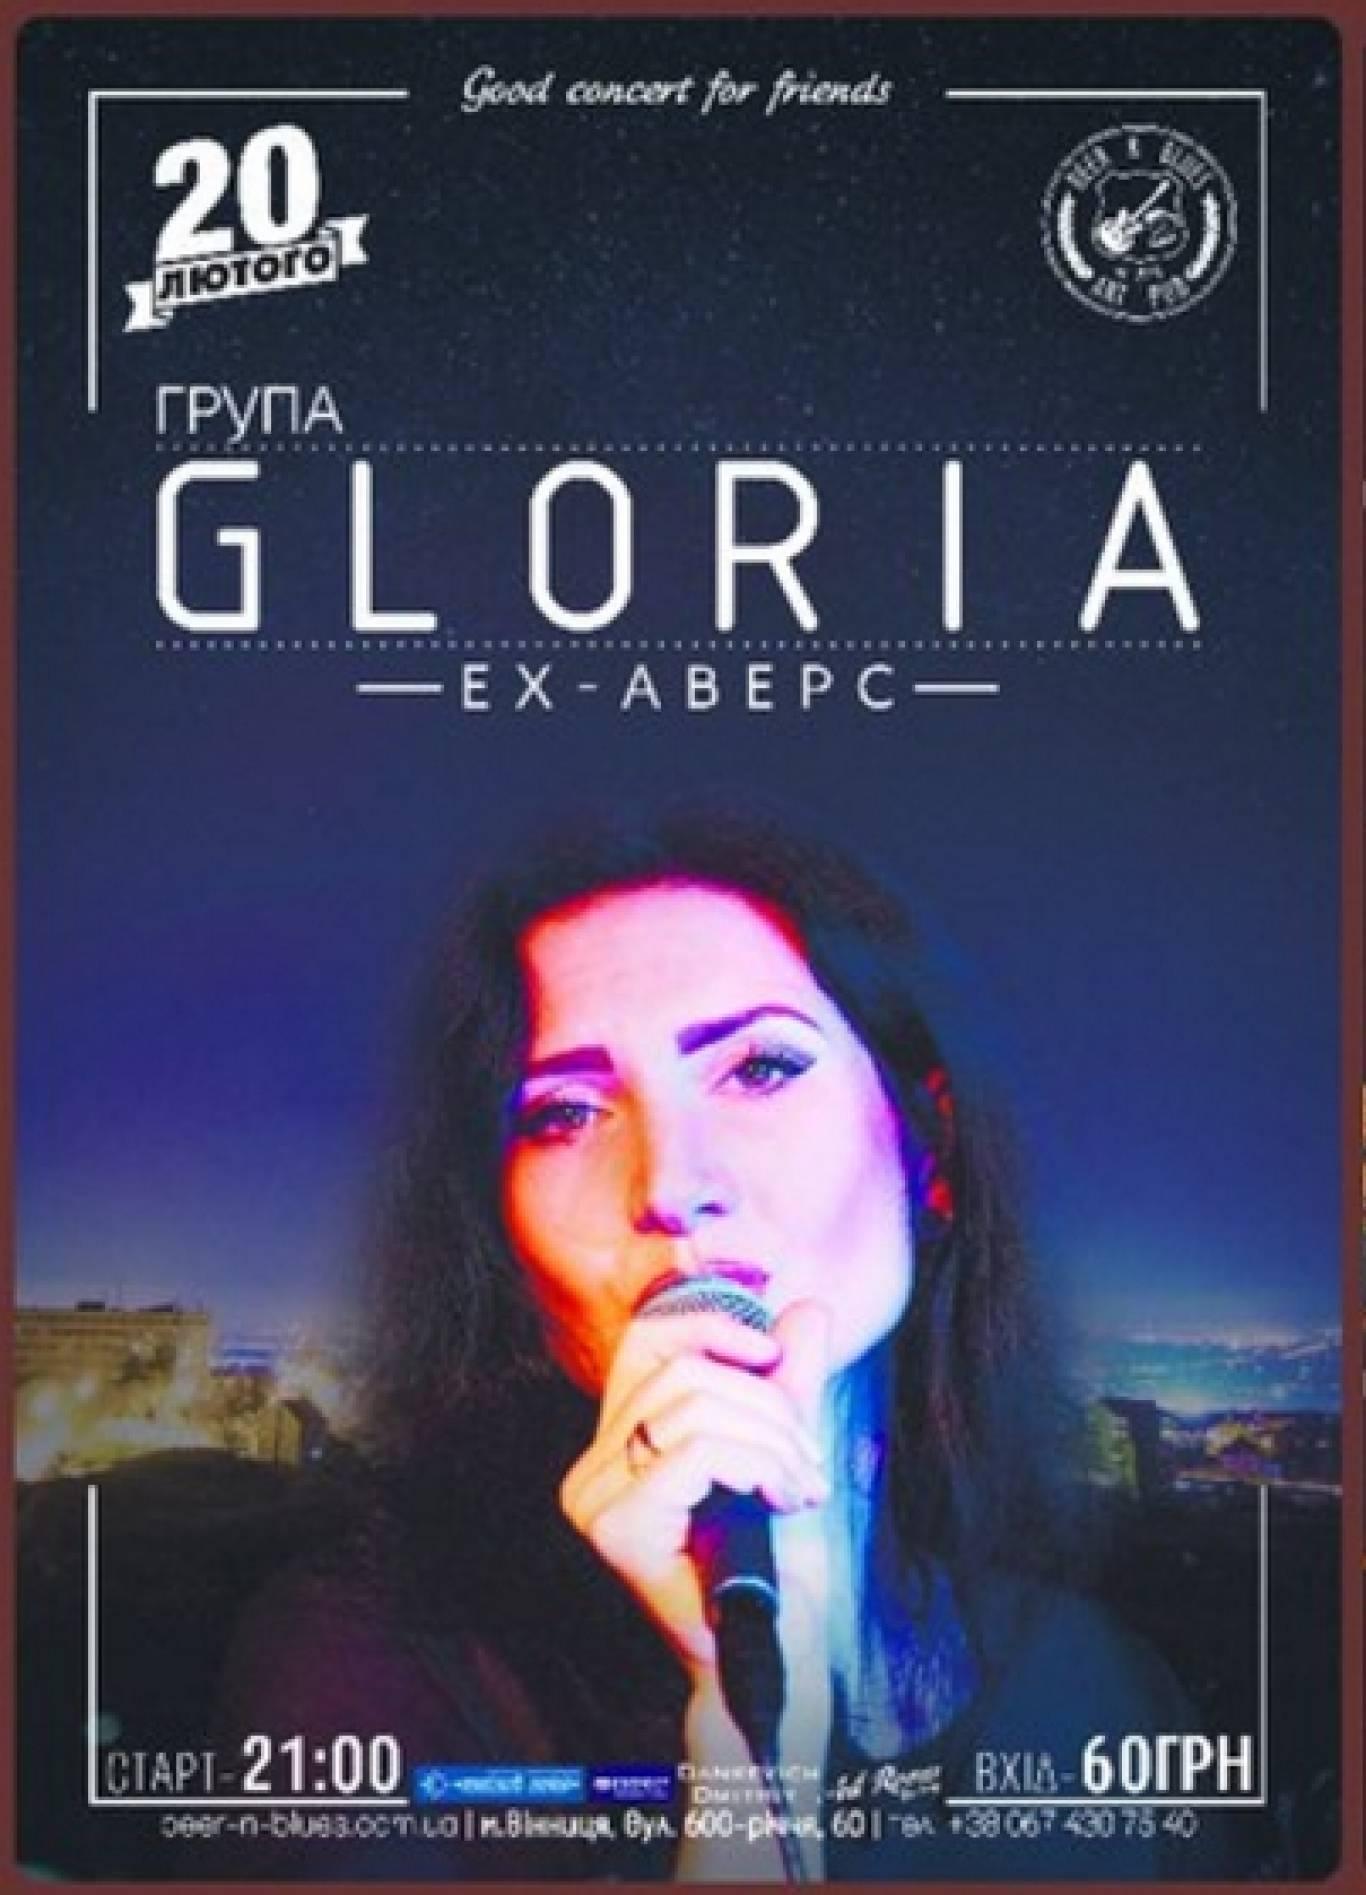 Суботній вечір у арт-пабі разом з співачкою Gloria